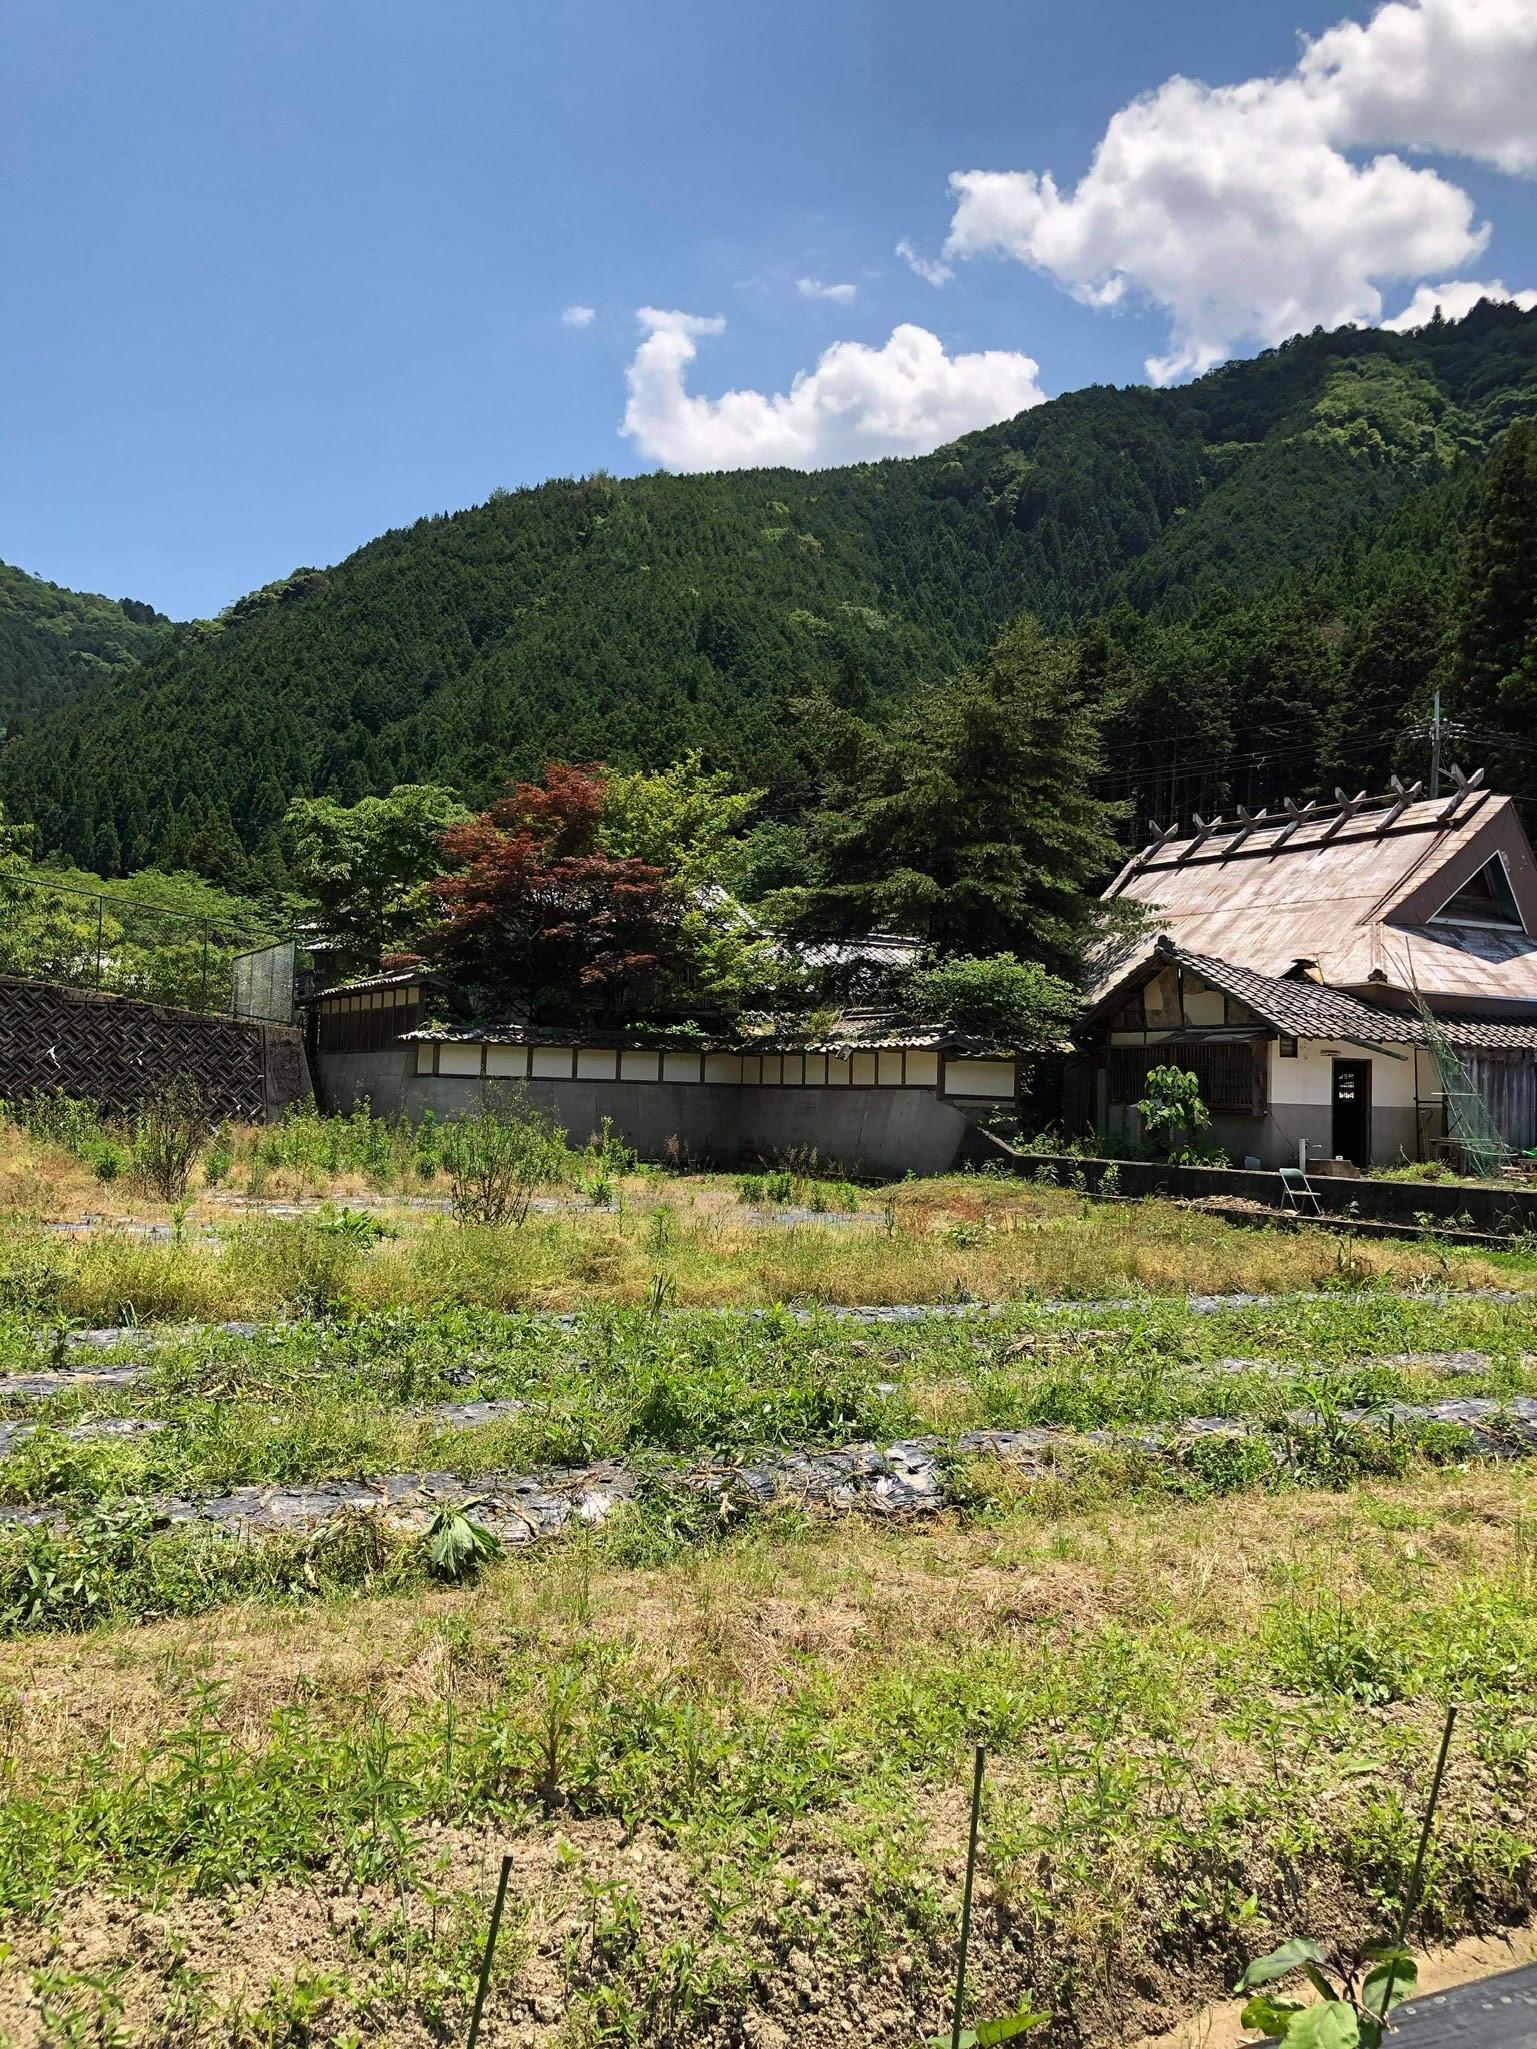 里山・田んぼ(農地)の風景を活かした宿泊施設の写真3